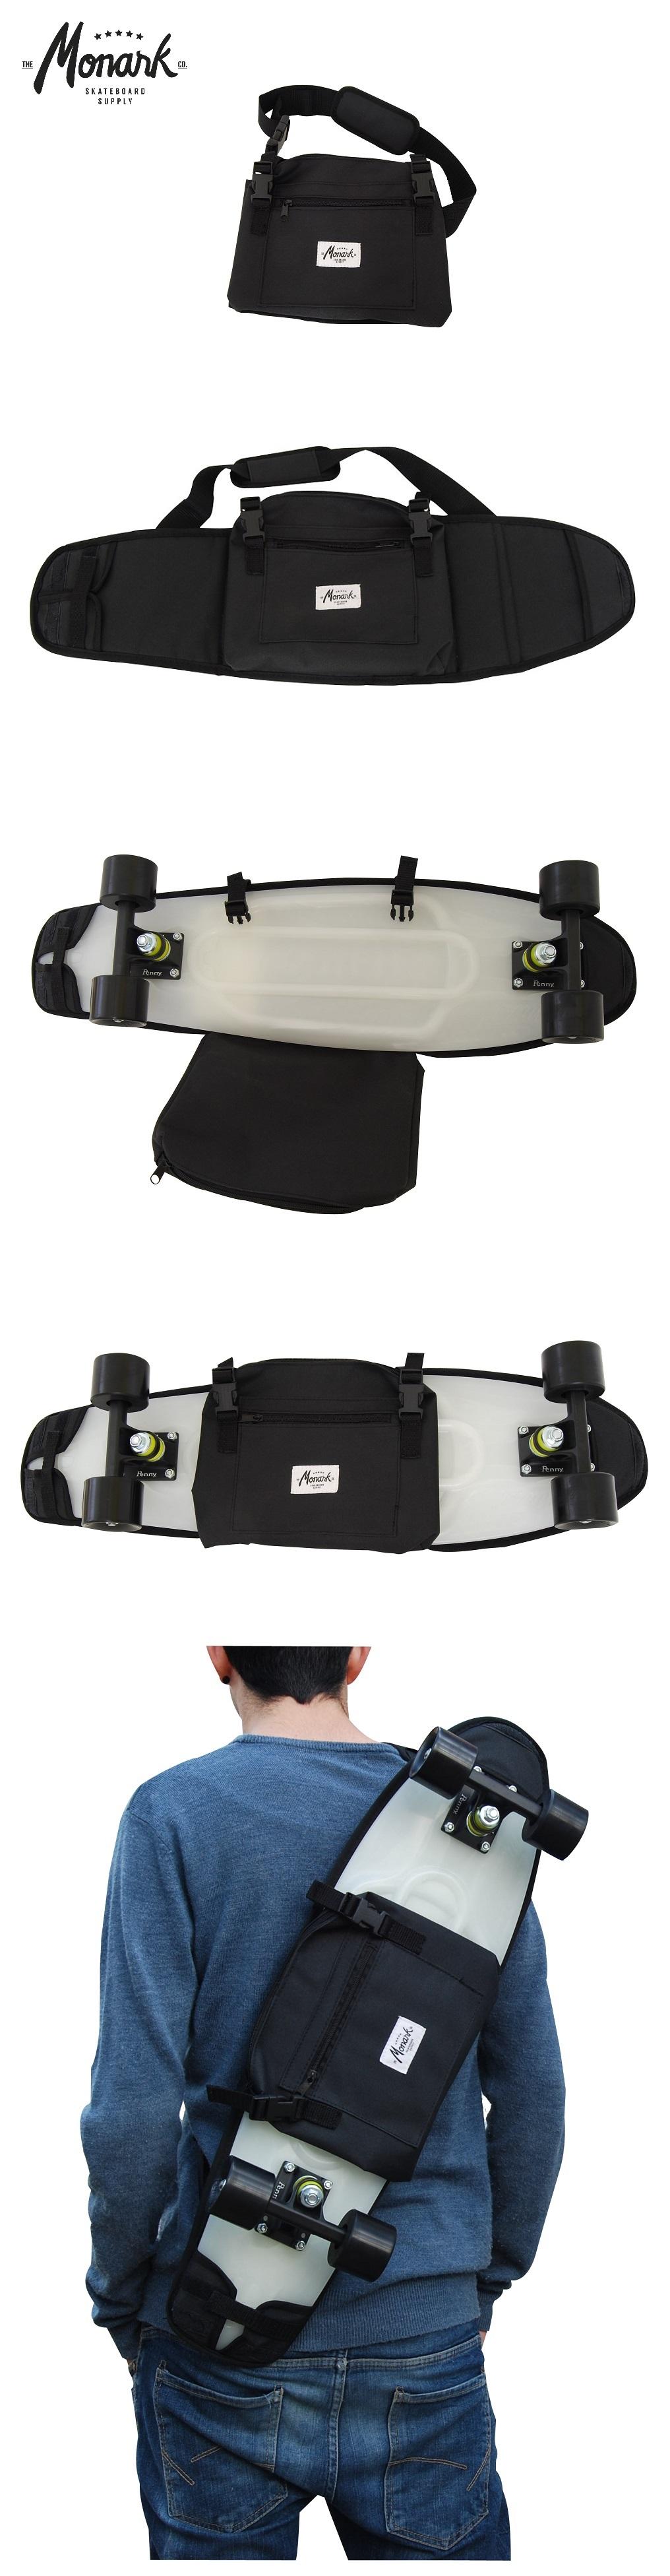 Cruiser Backpack Skateboard Skate Bag Penny Board